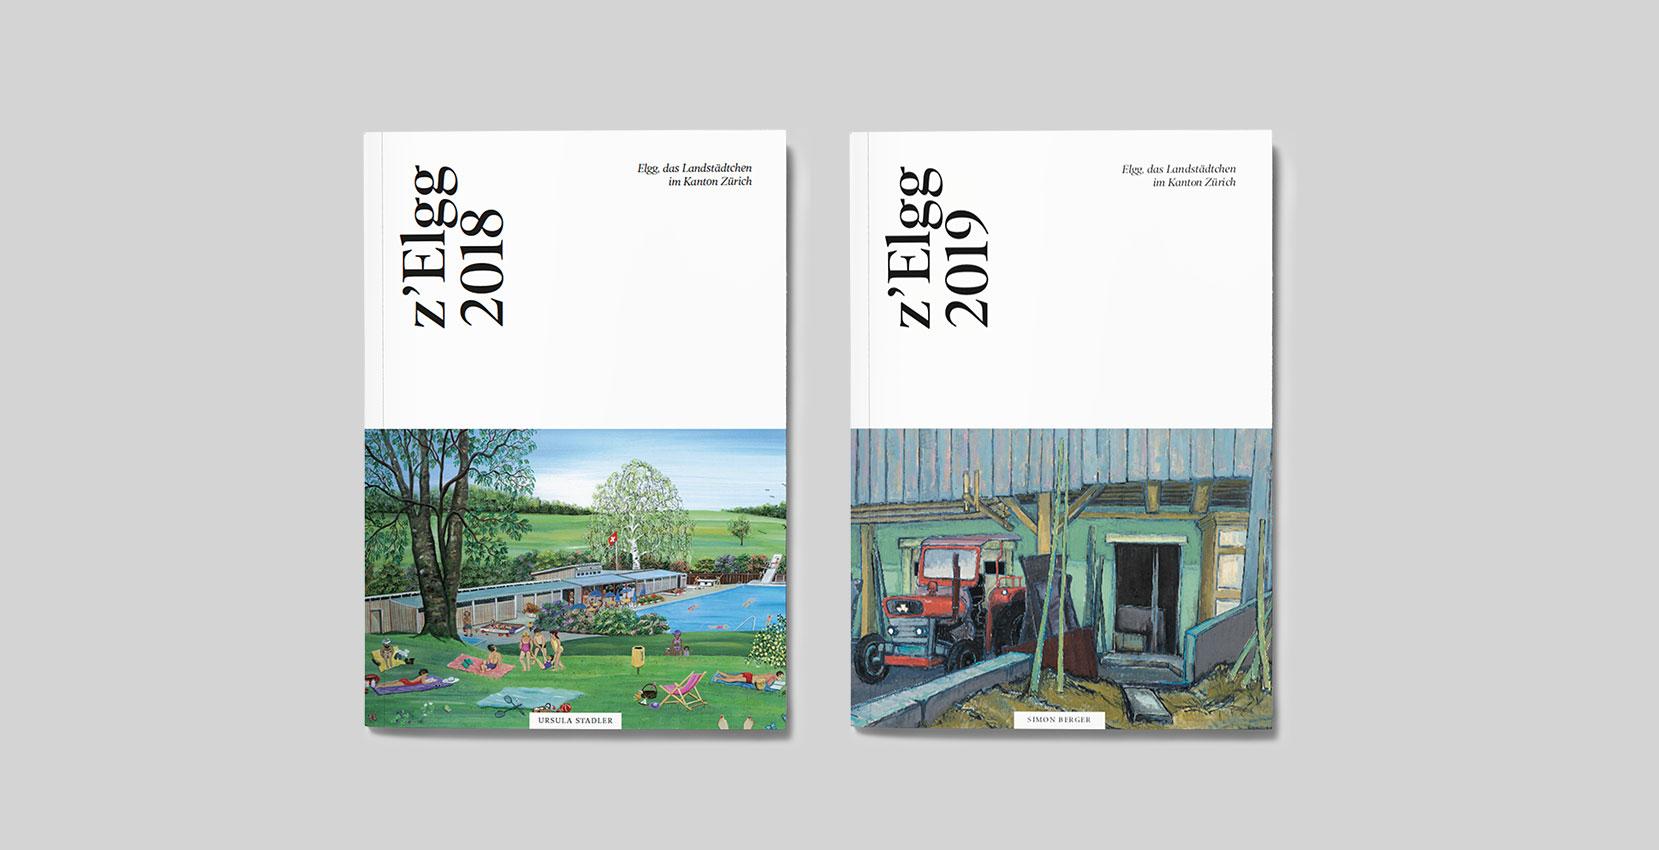 zelgg-jahrbuchdesign-editorialdesign-werbeagentur-Gasser-Miesch-St.-Gallen